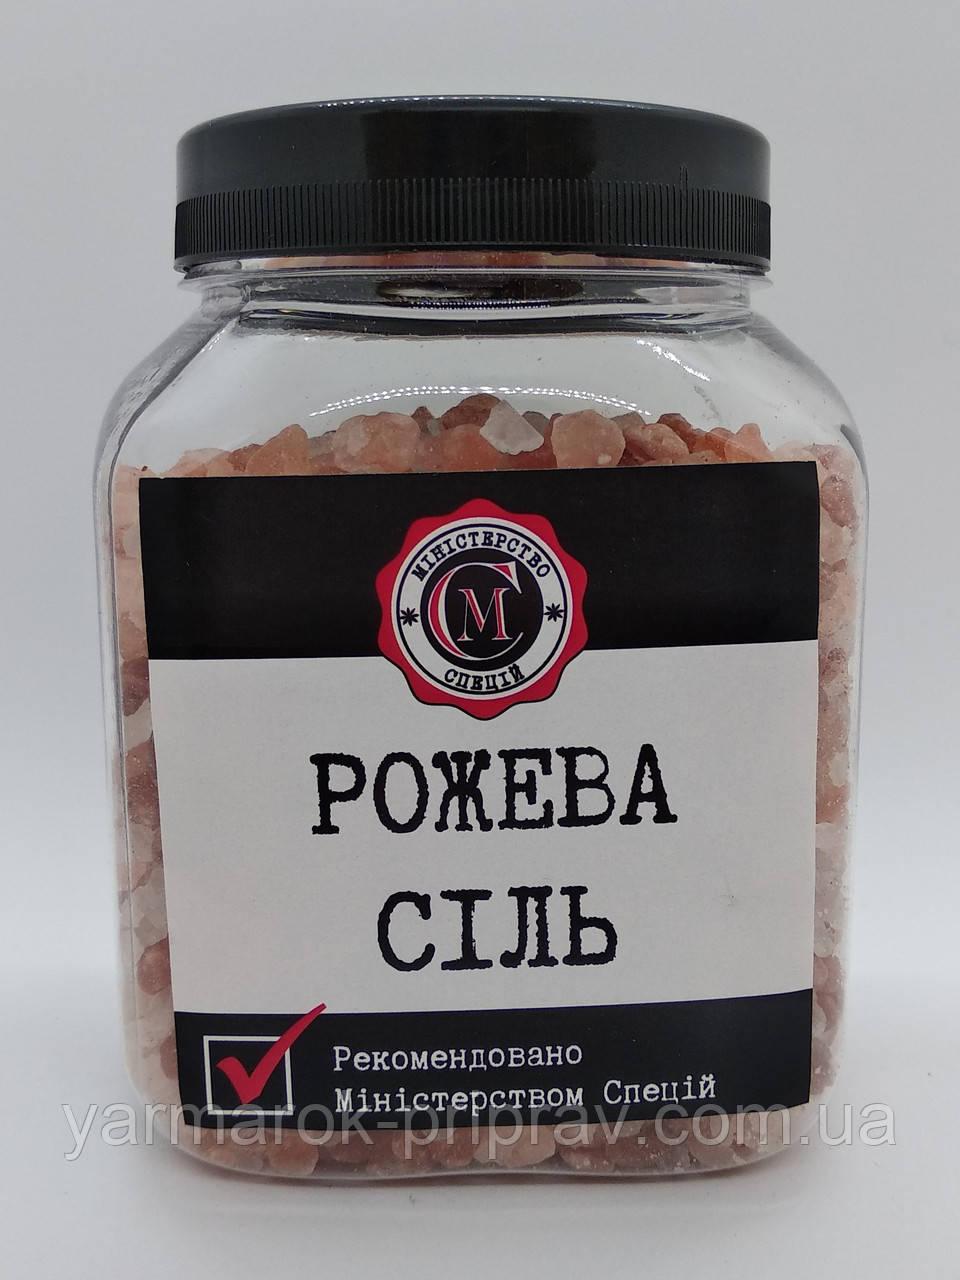 Рожева сіль 500г